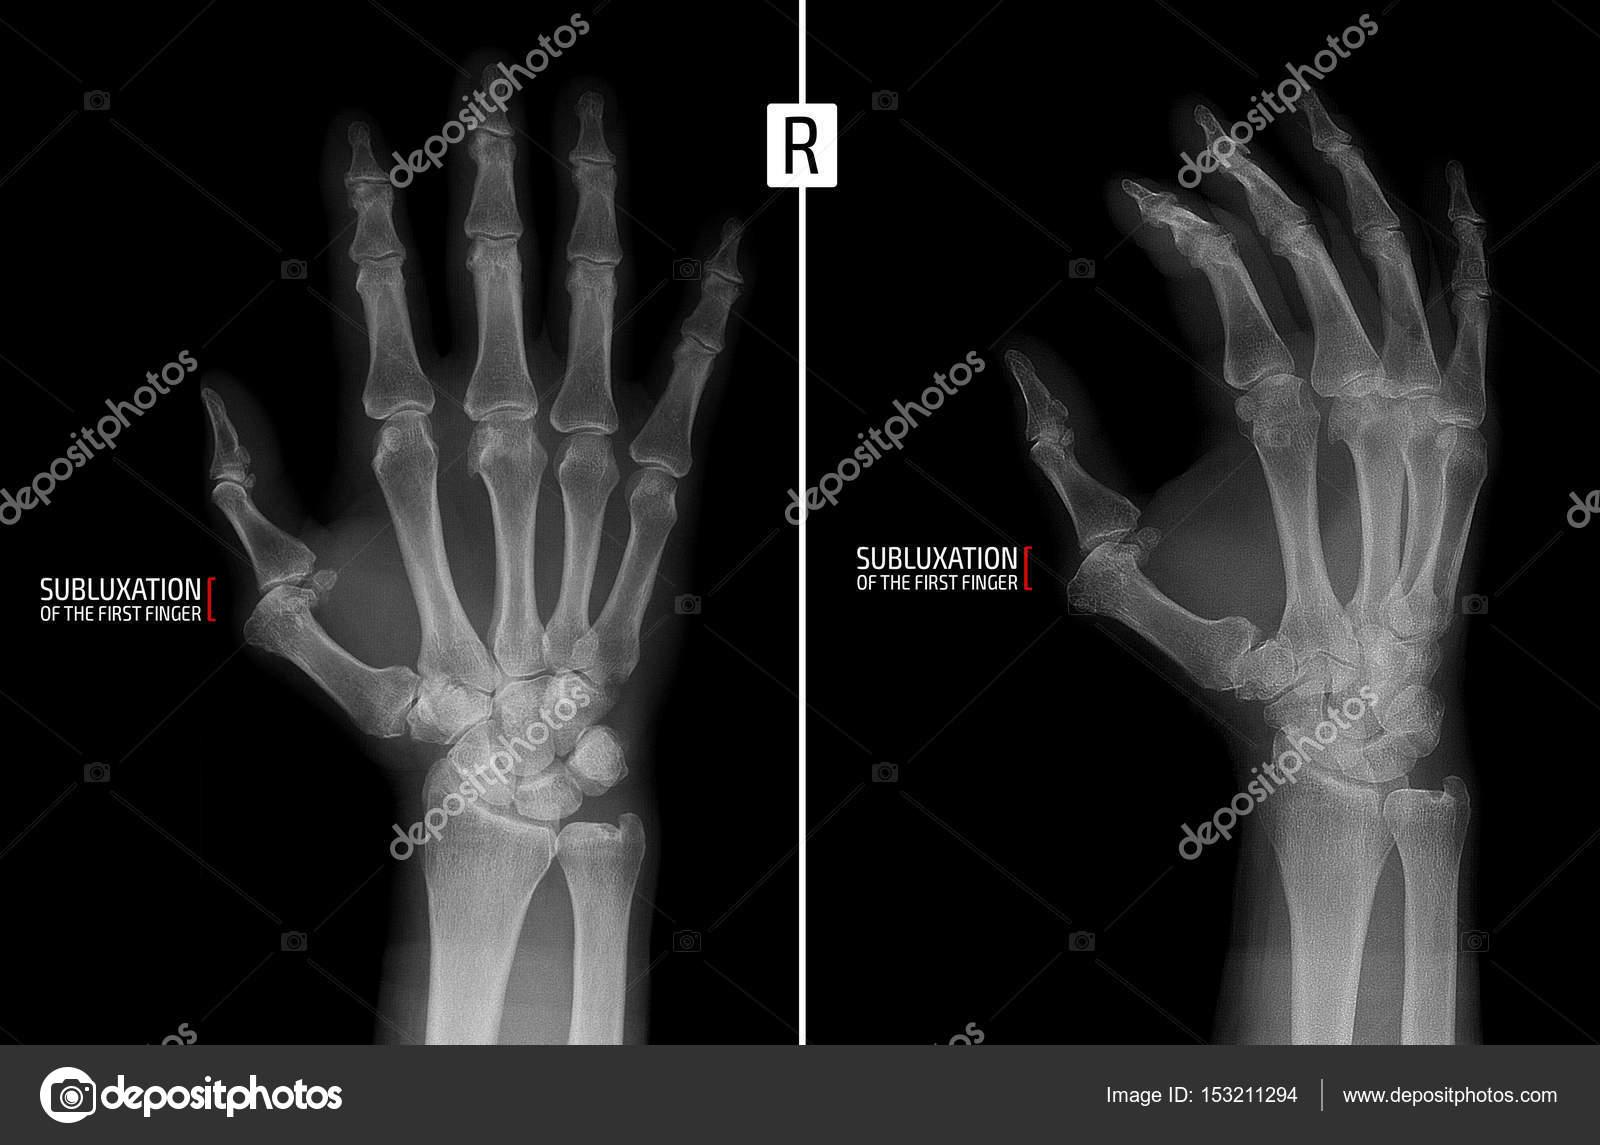 Esqueleto Mano Derecha Radiografía De La Mano Muestra La